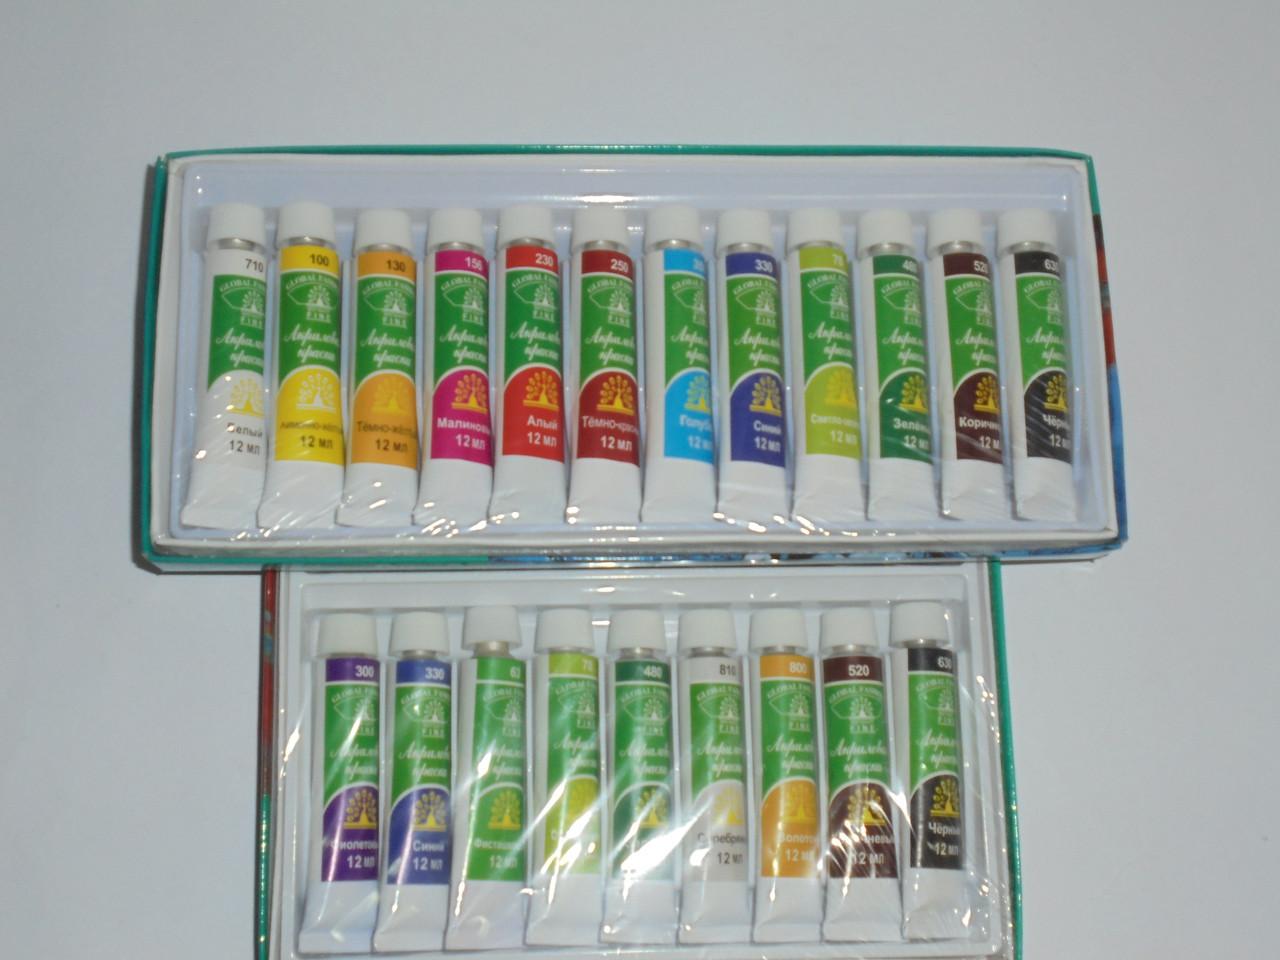 Два набора акриловых красок Global Fashion 9 цветов и 12 цветов(12 мл), краски, набор акриловых красок, фото 1